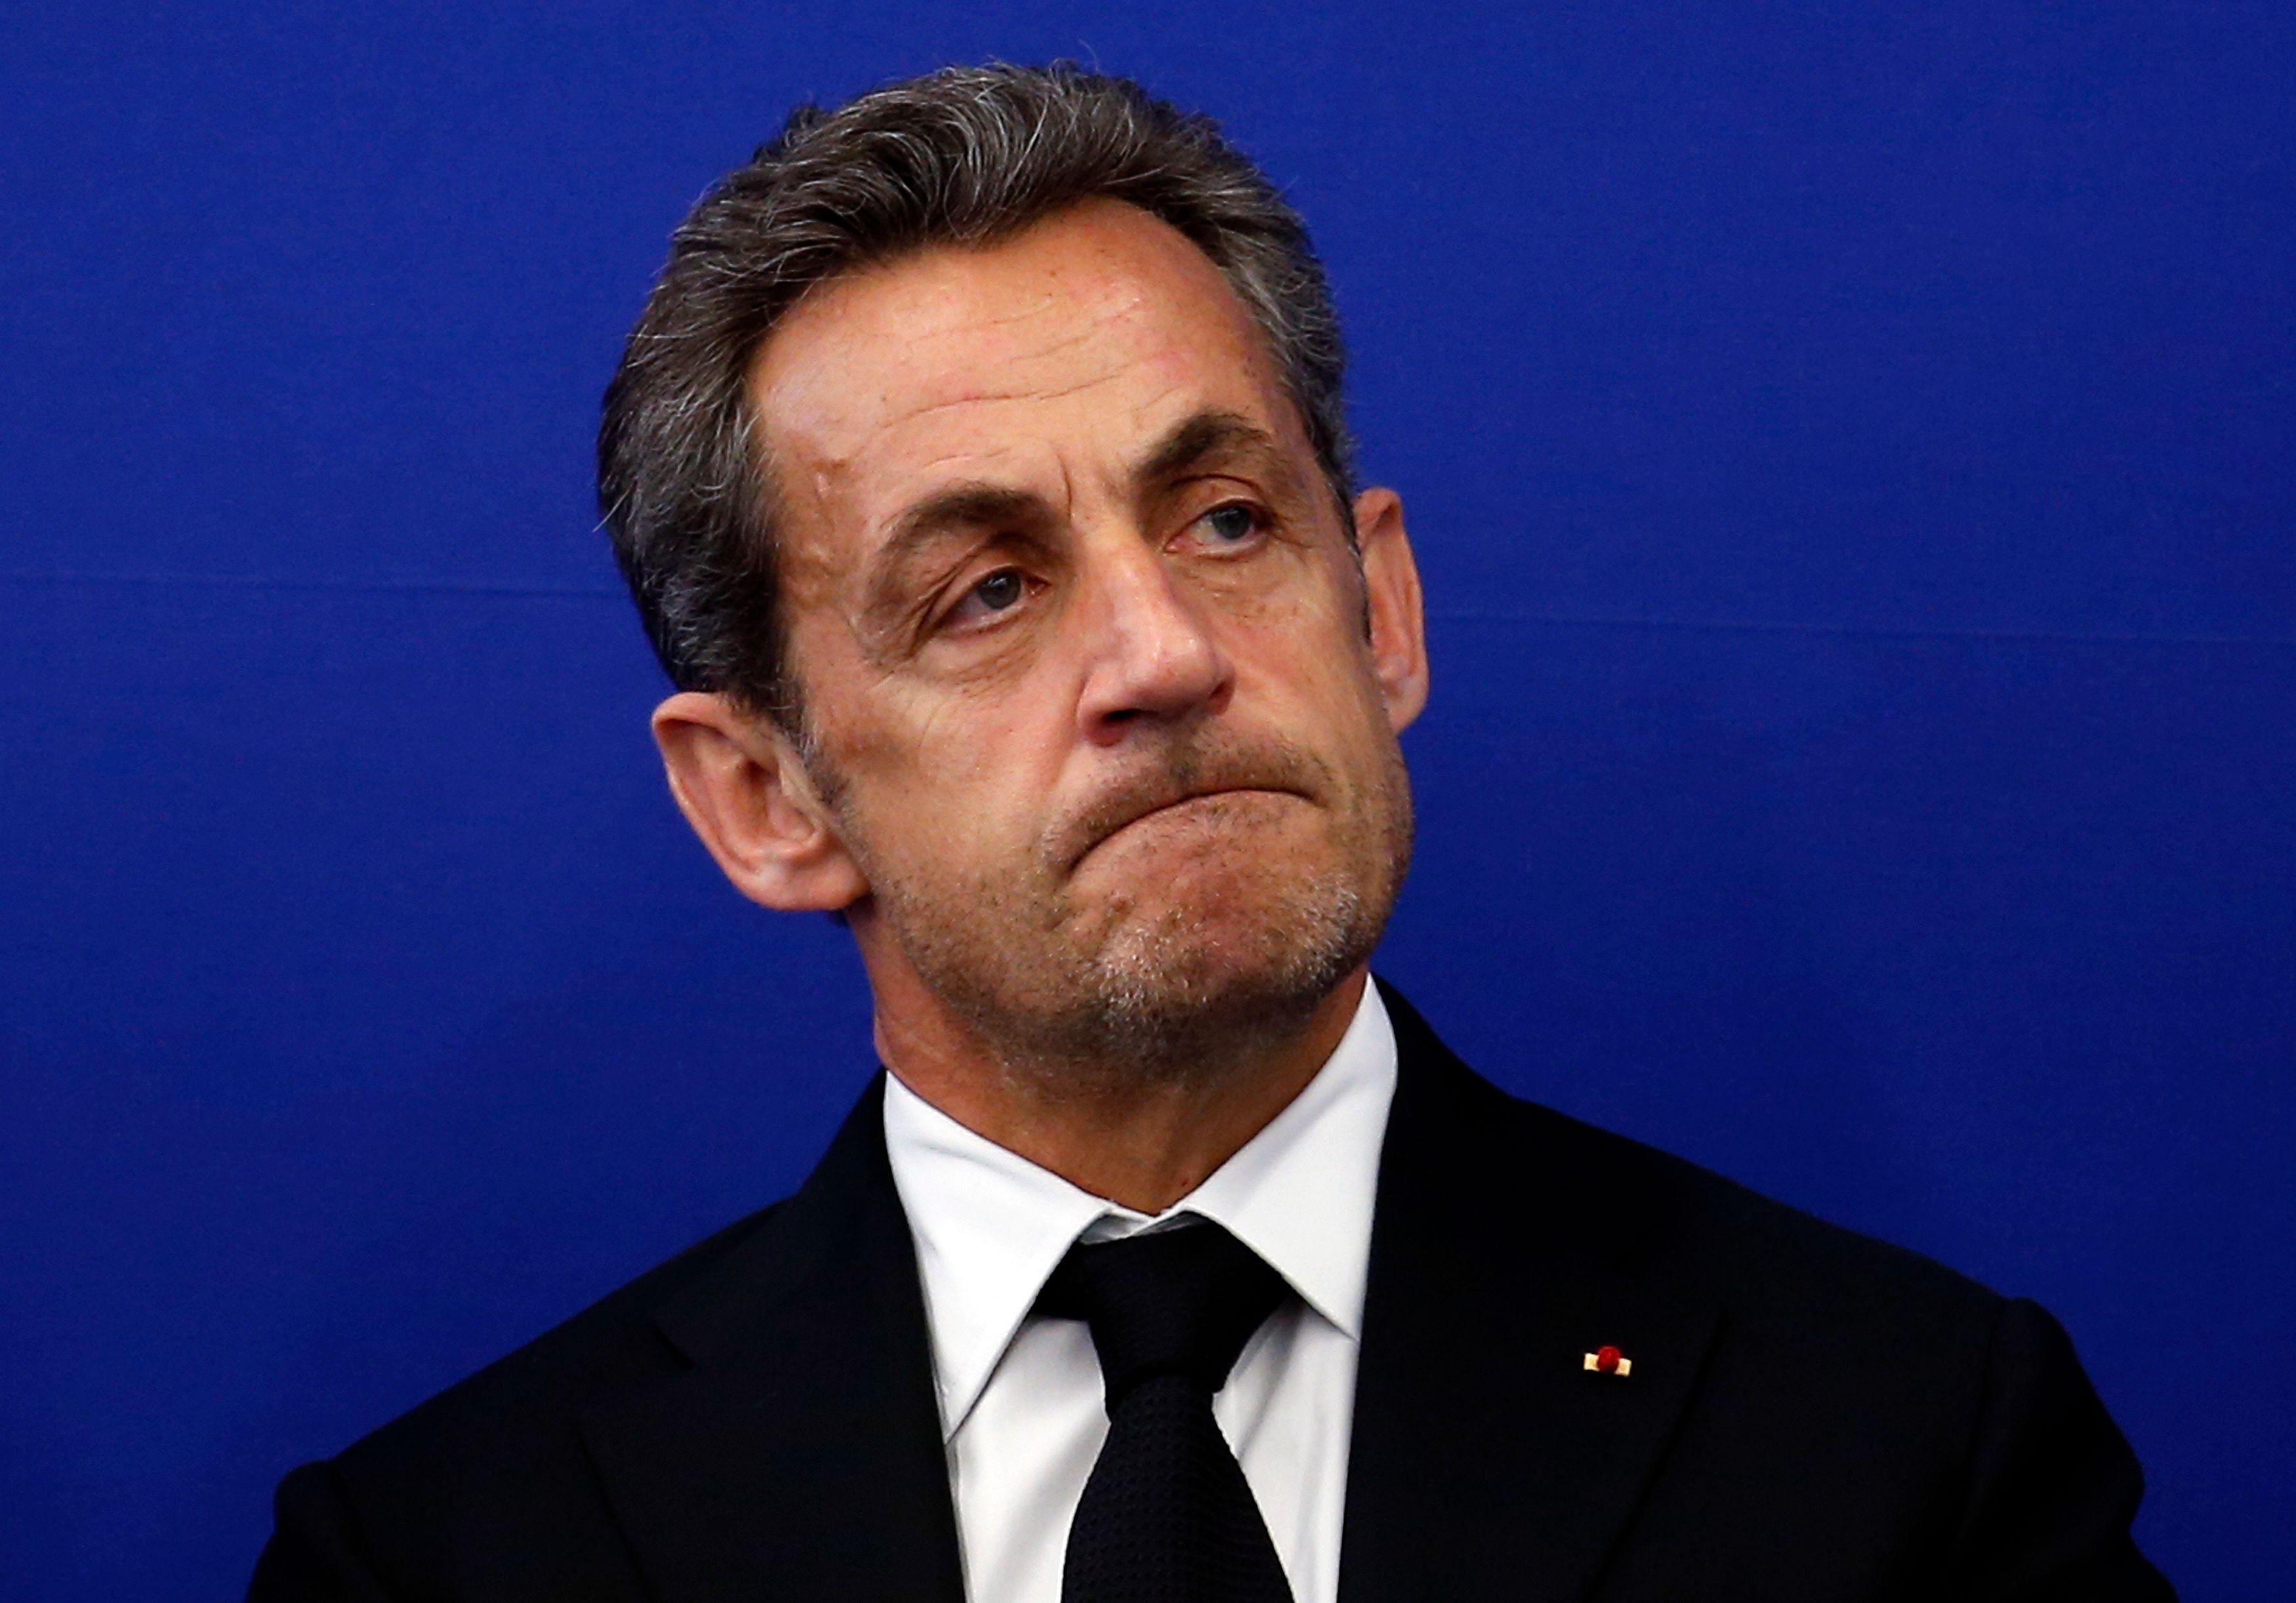 Sondage : Nicolas Sarkozy au plus bas depuis 2012, l'érosion se confirme